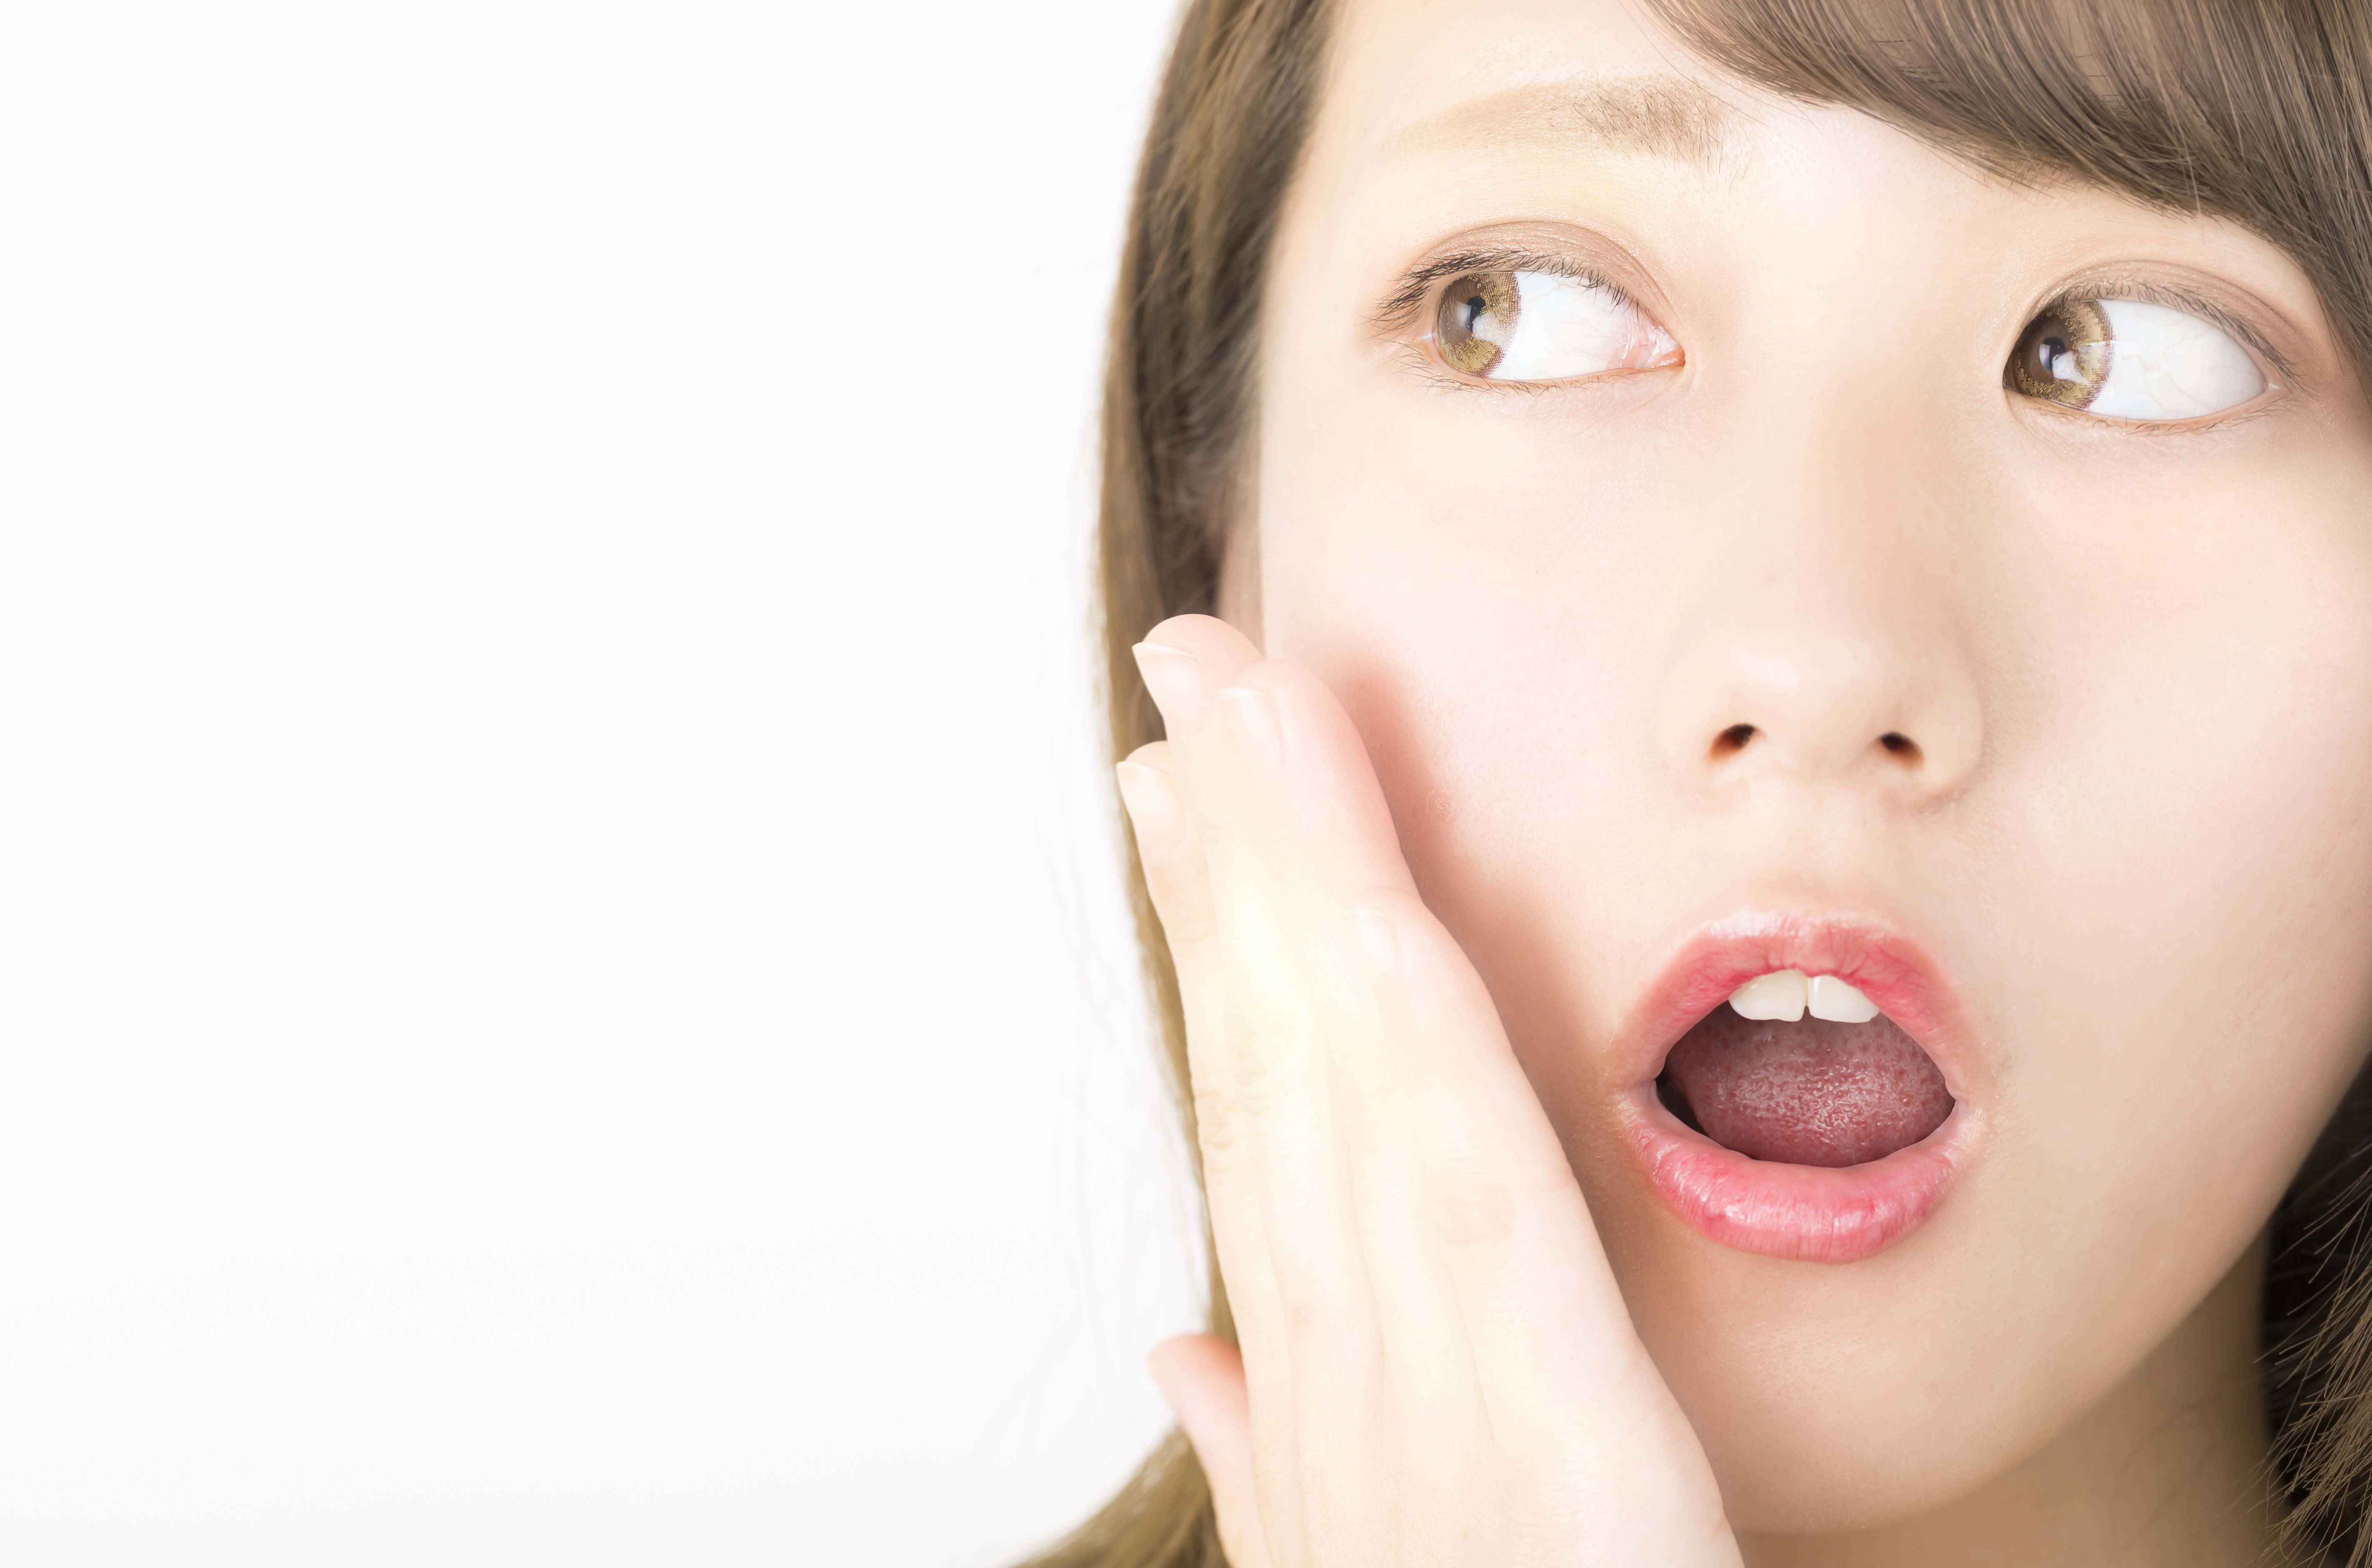 仮歯が取れた、かけた!!歯医者に行く前にしてもしていいこと。してはいけないこと